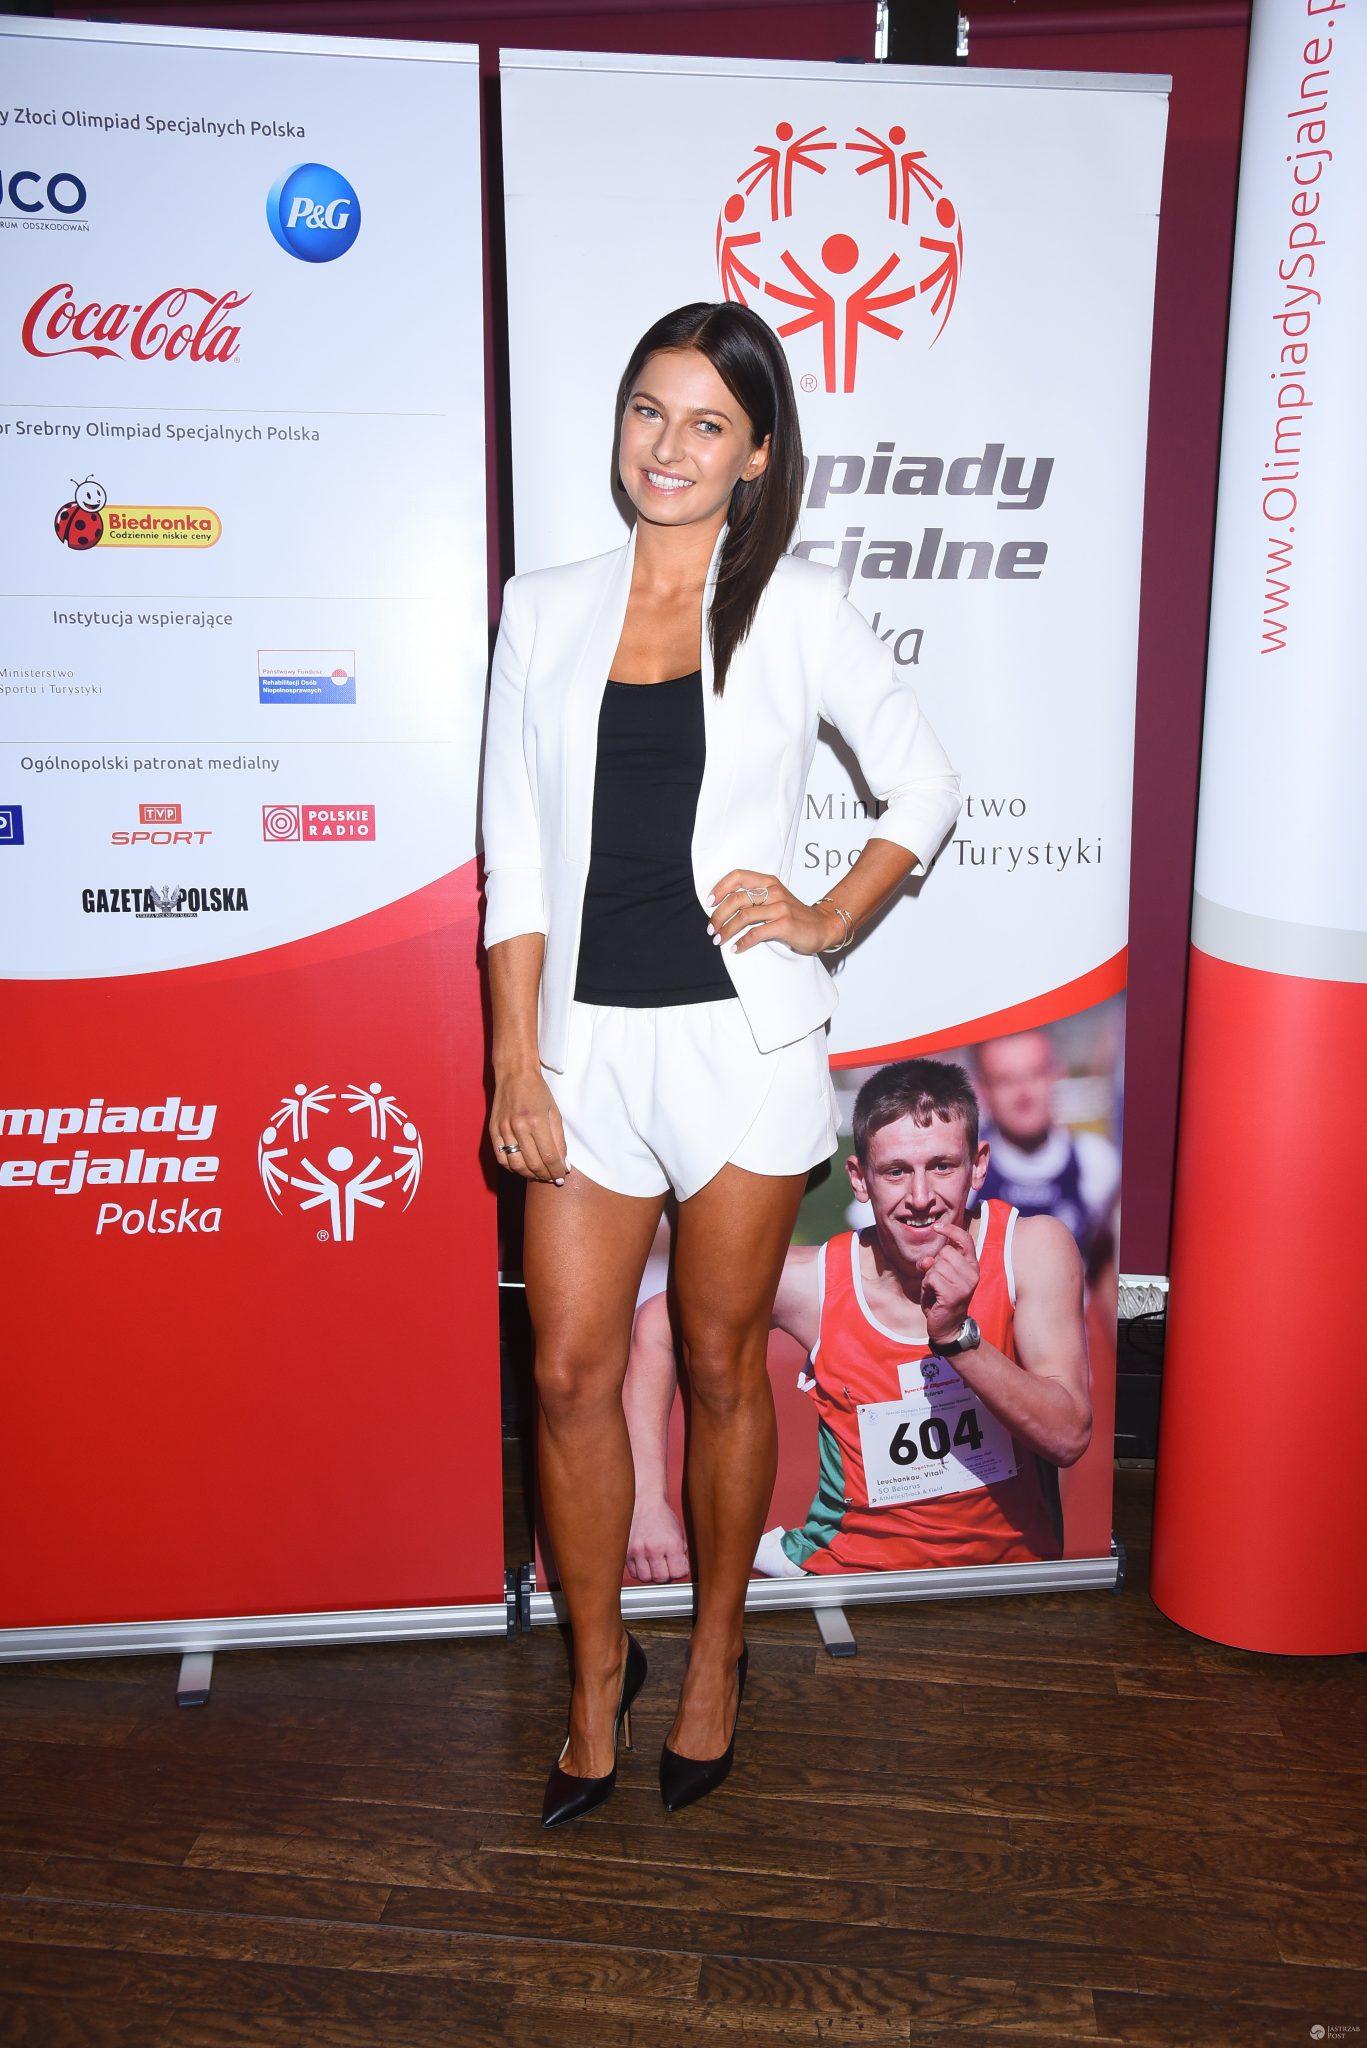 Anna Lewandowska na imprezie Olimpiady Specjalne Polska